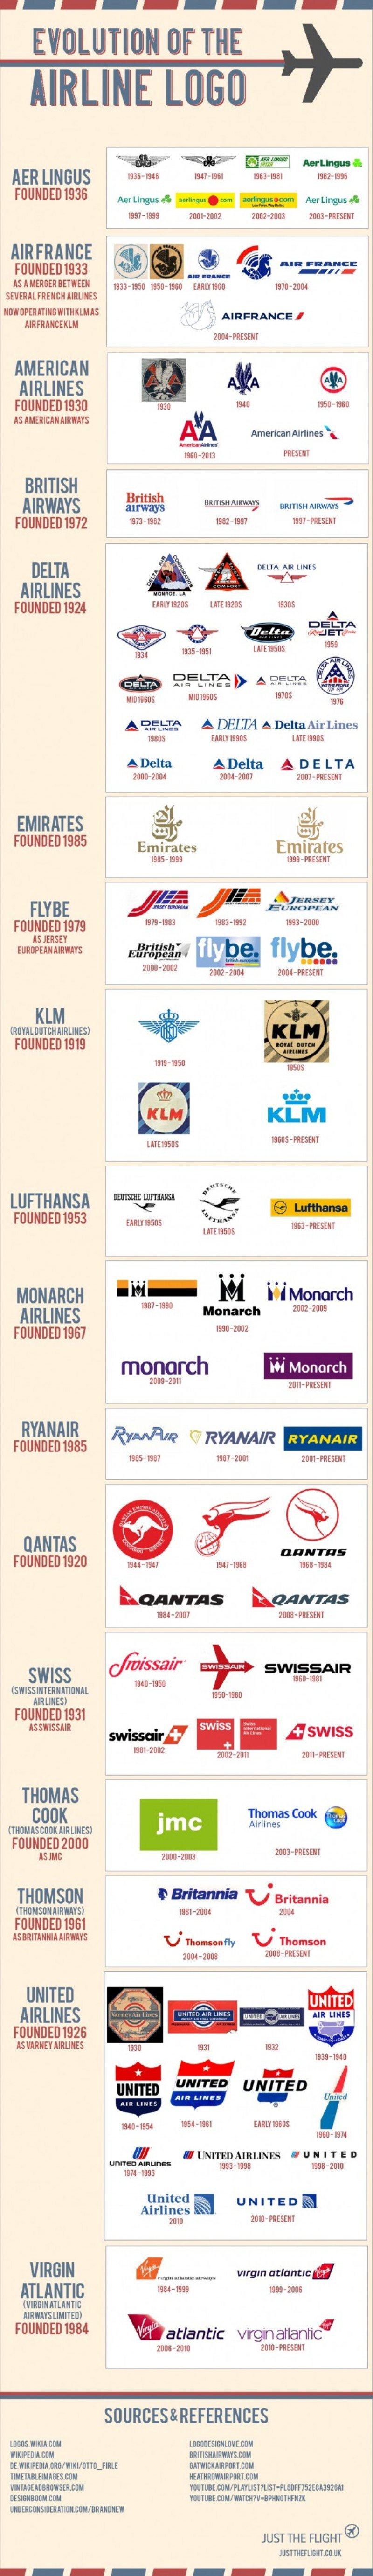 Infografía: Evolución de los logos de aerolíneas del mundo.